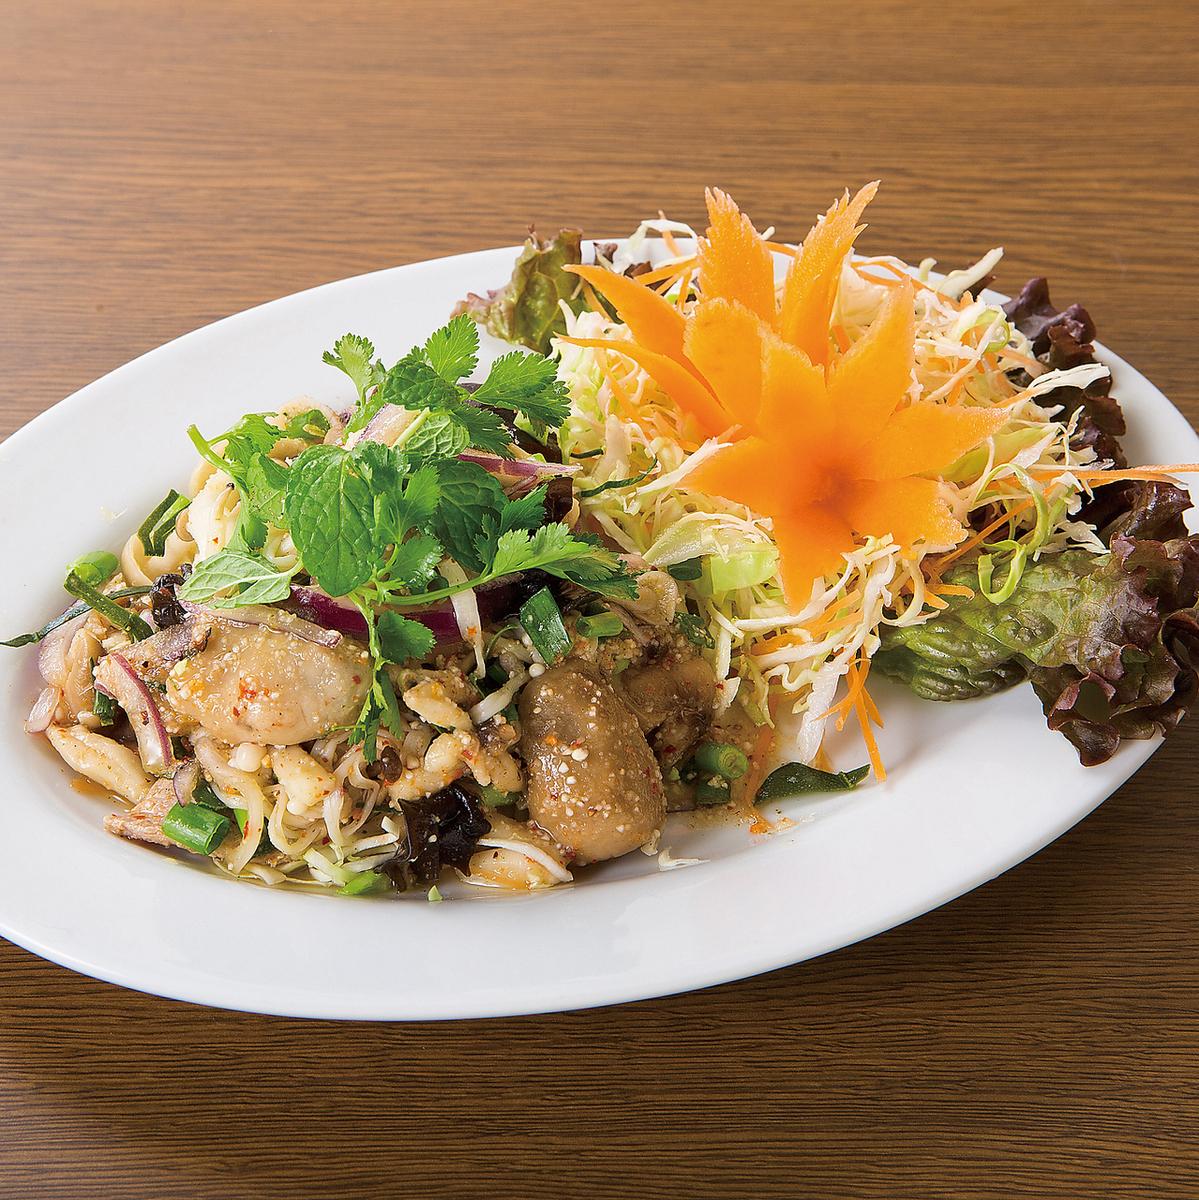 泰国蘑菇沙拉/猪肉明天剁碎玻璃莴苣包装